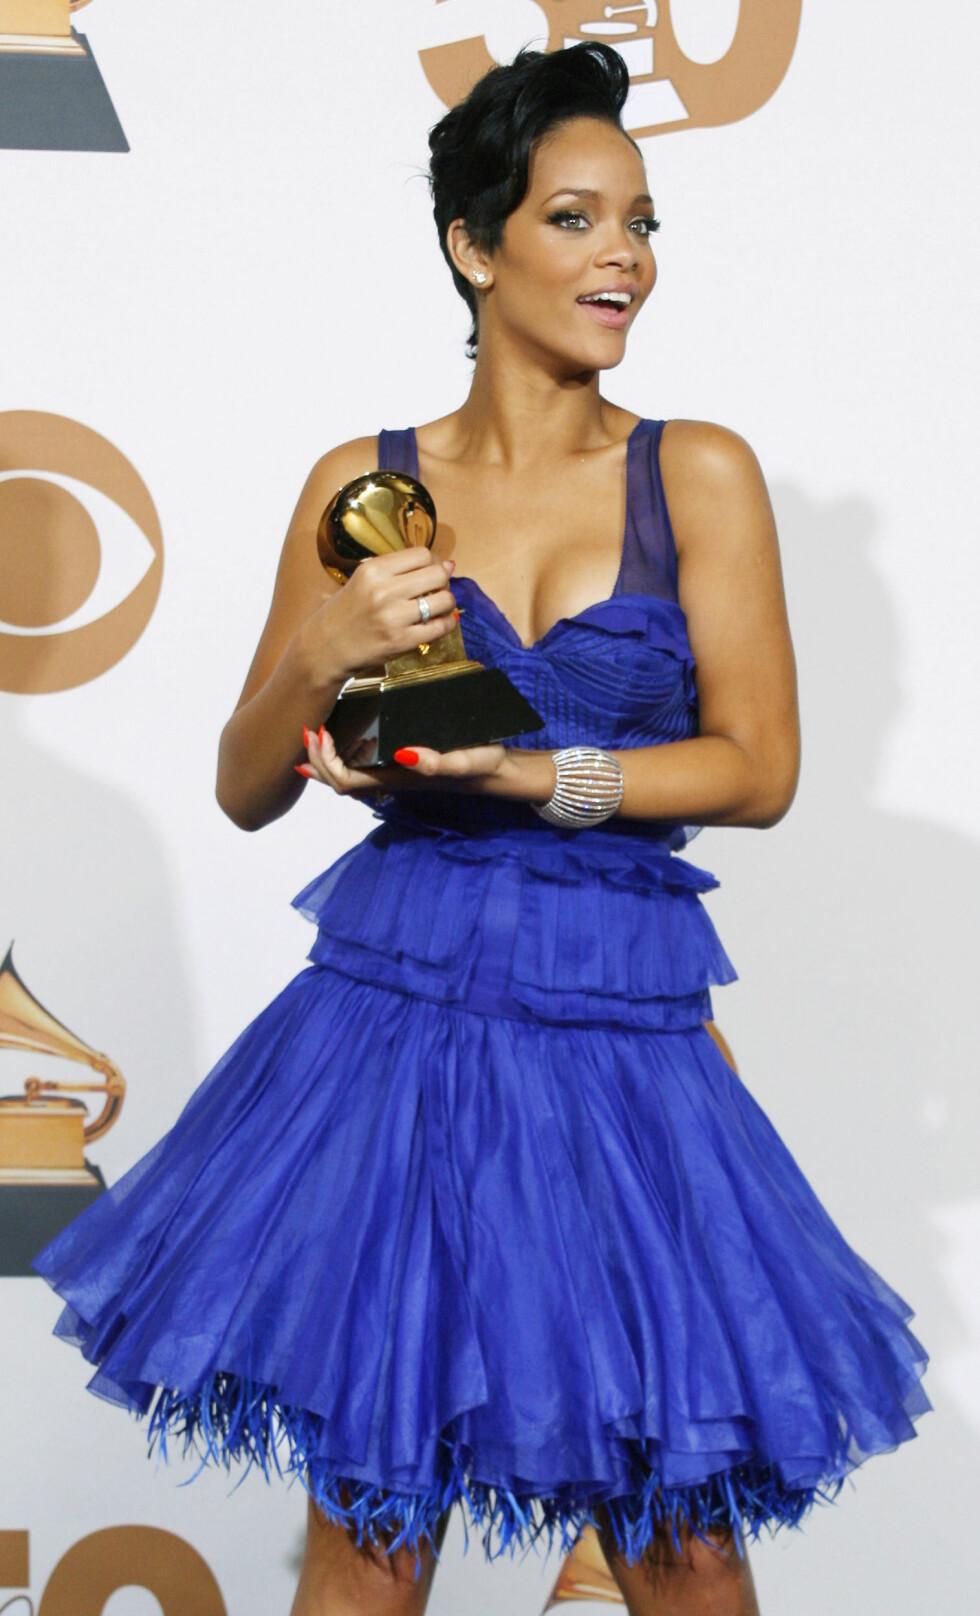 VANT PRIS: Rihanna opptrådde med låten som hun stakk av med pris for. Sammen med Jay Z ble hun hedret med pris i kategorien Best Rap/Sung Collaboration med låten Umbrella. Foto: NTB Scanpix